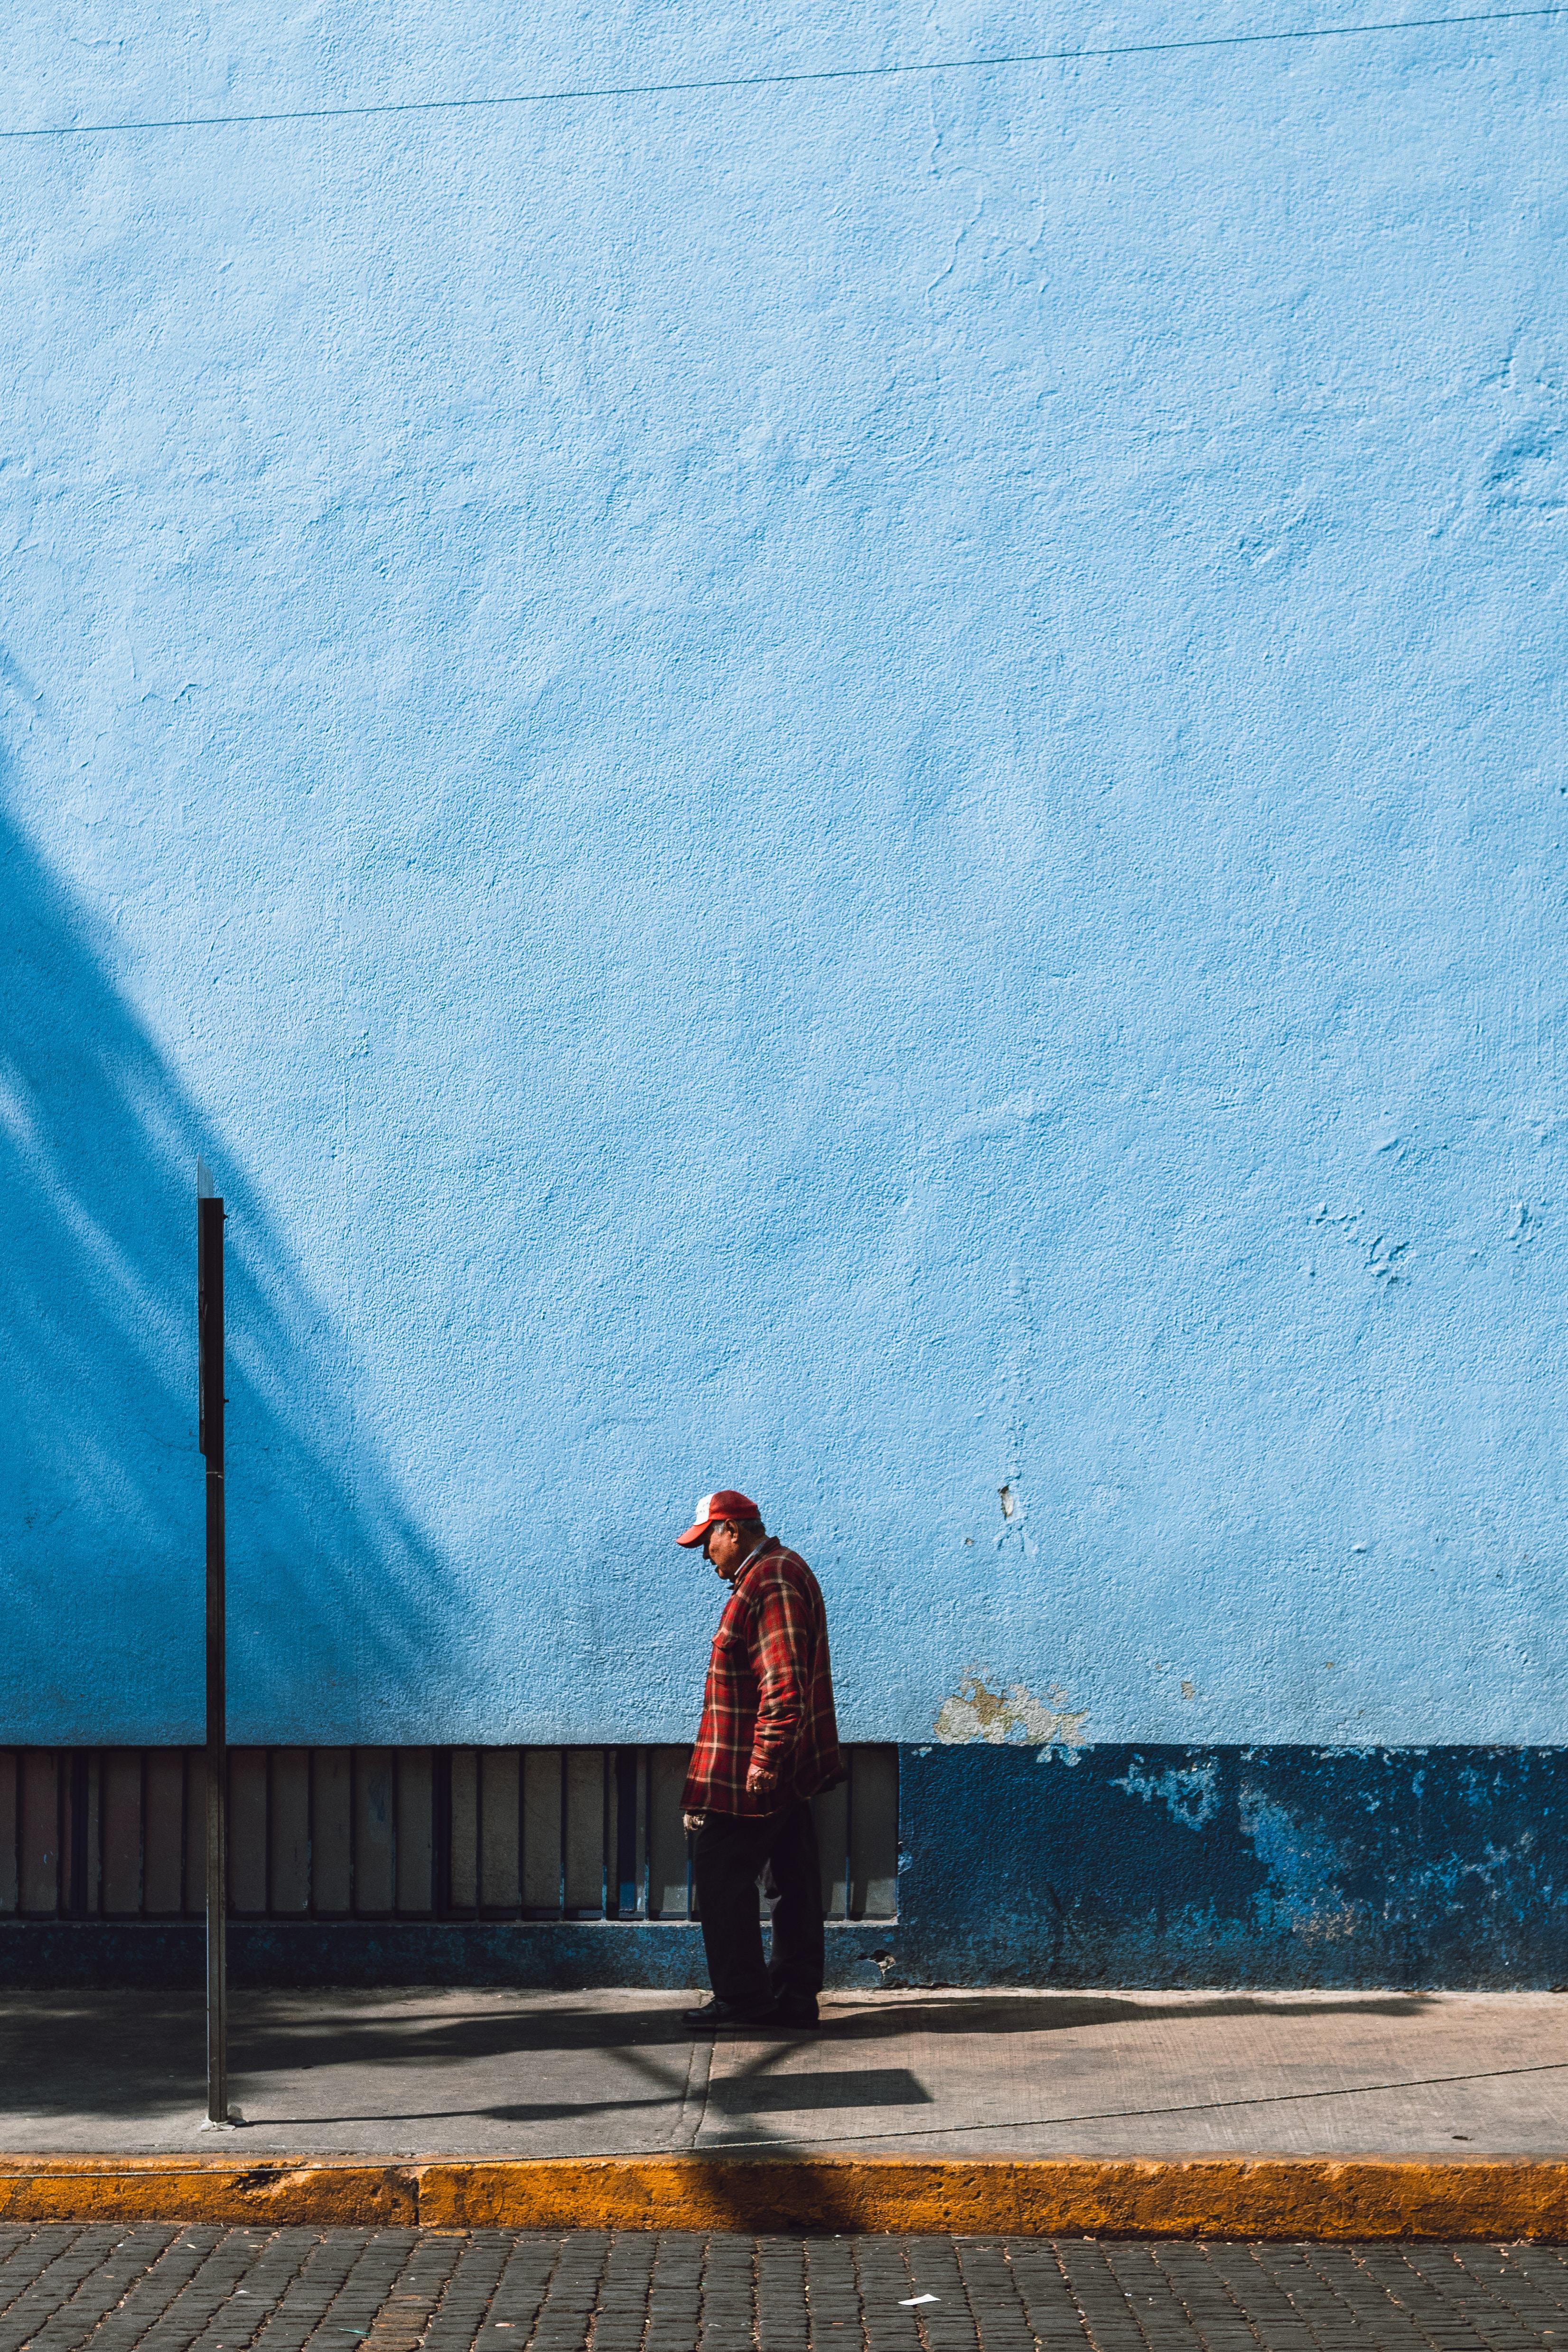 man standing near blue wall